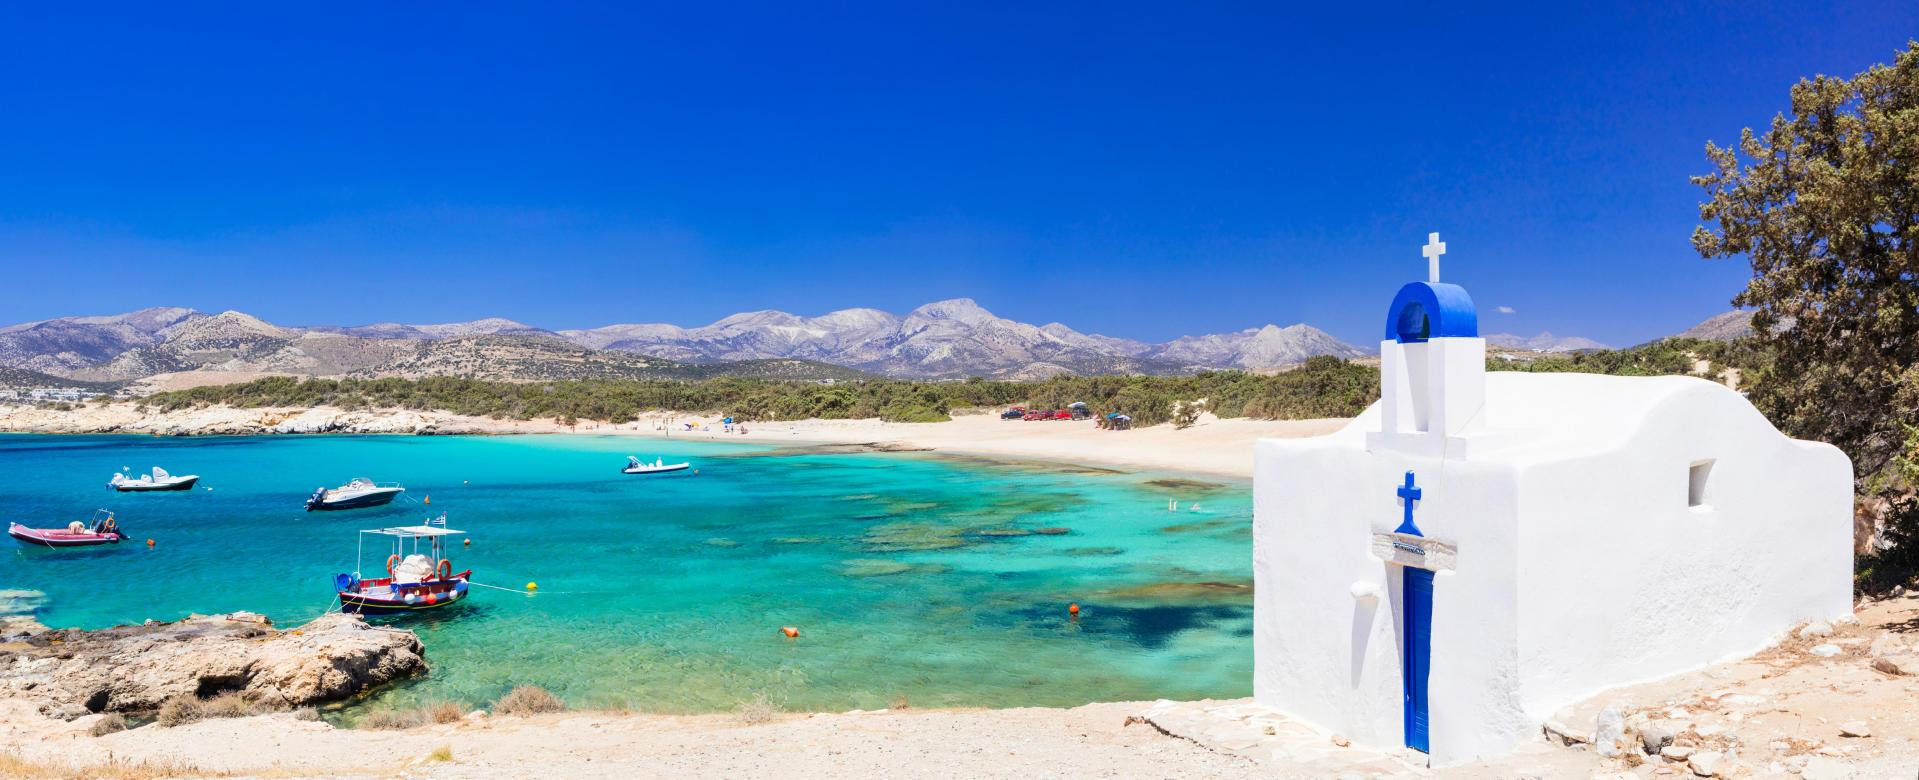 Voyage sur l'eau : Cyclades : sifnos, milos, kimolos et sérifos